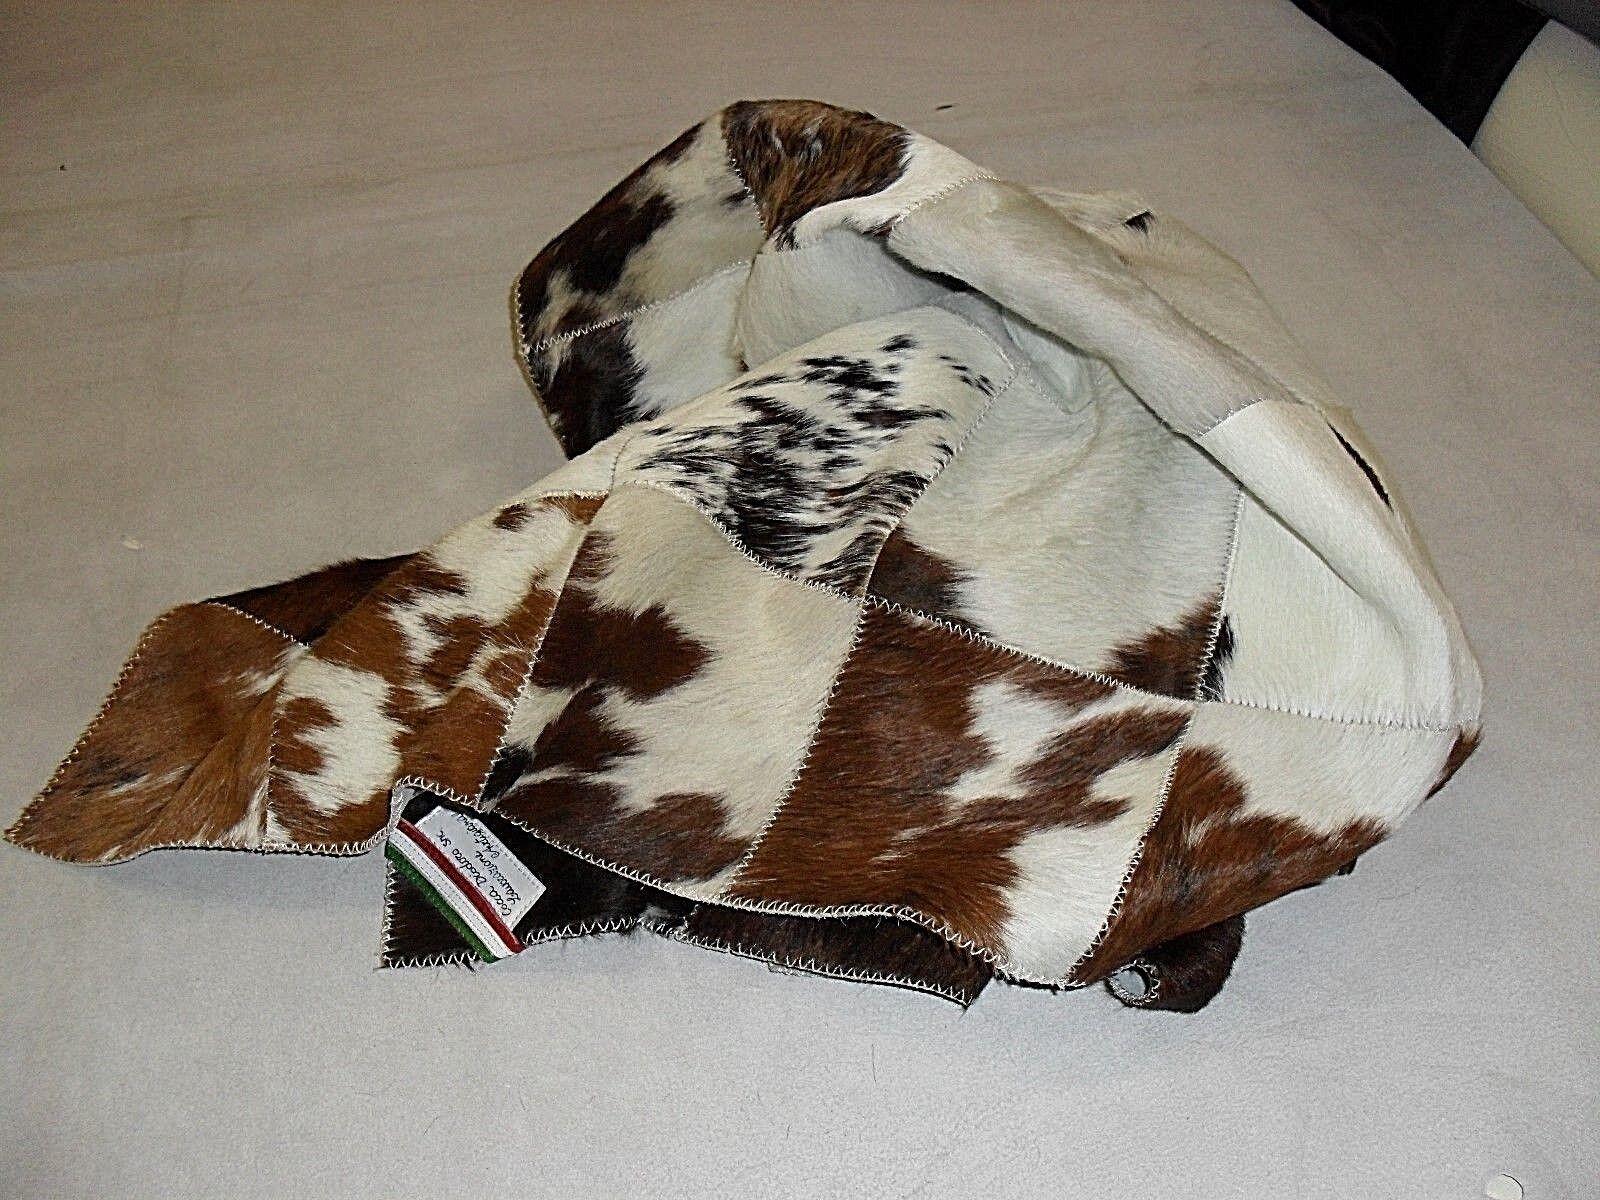 Tapis peau de vache modèle Patchwork Patchwork Patchwork Mesures 140x70 cm couleurs mélanger | La Qualité Et La Quantité Assurée  8a8f48